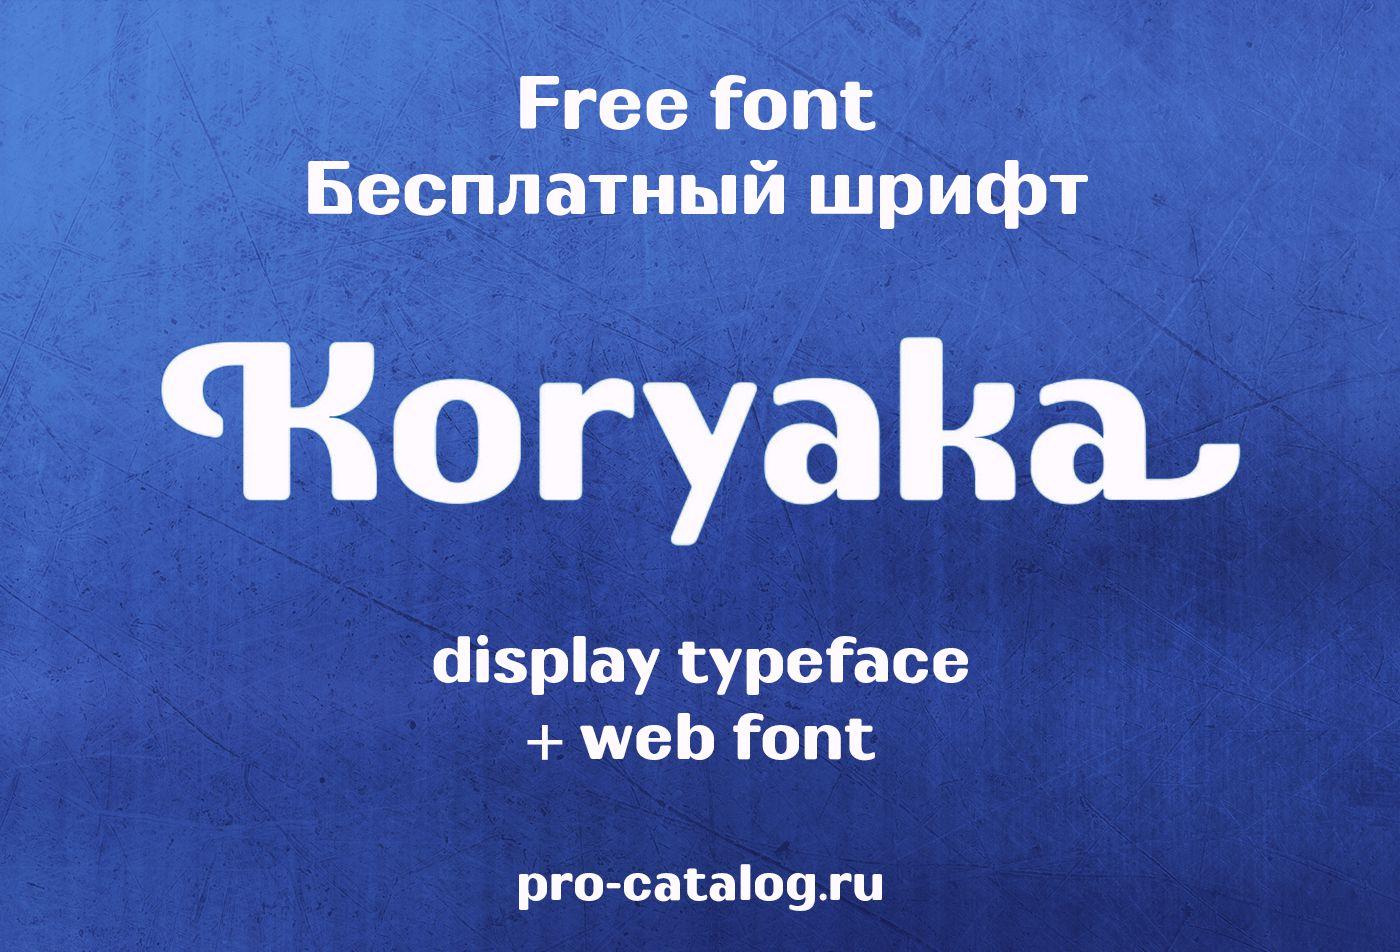 free font koryaka | бесплатный шрифт koryaka с кириллицей скачать